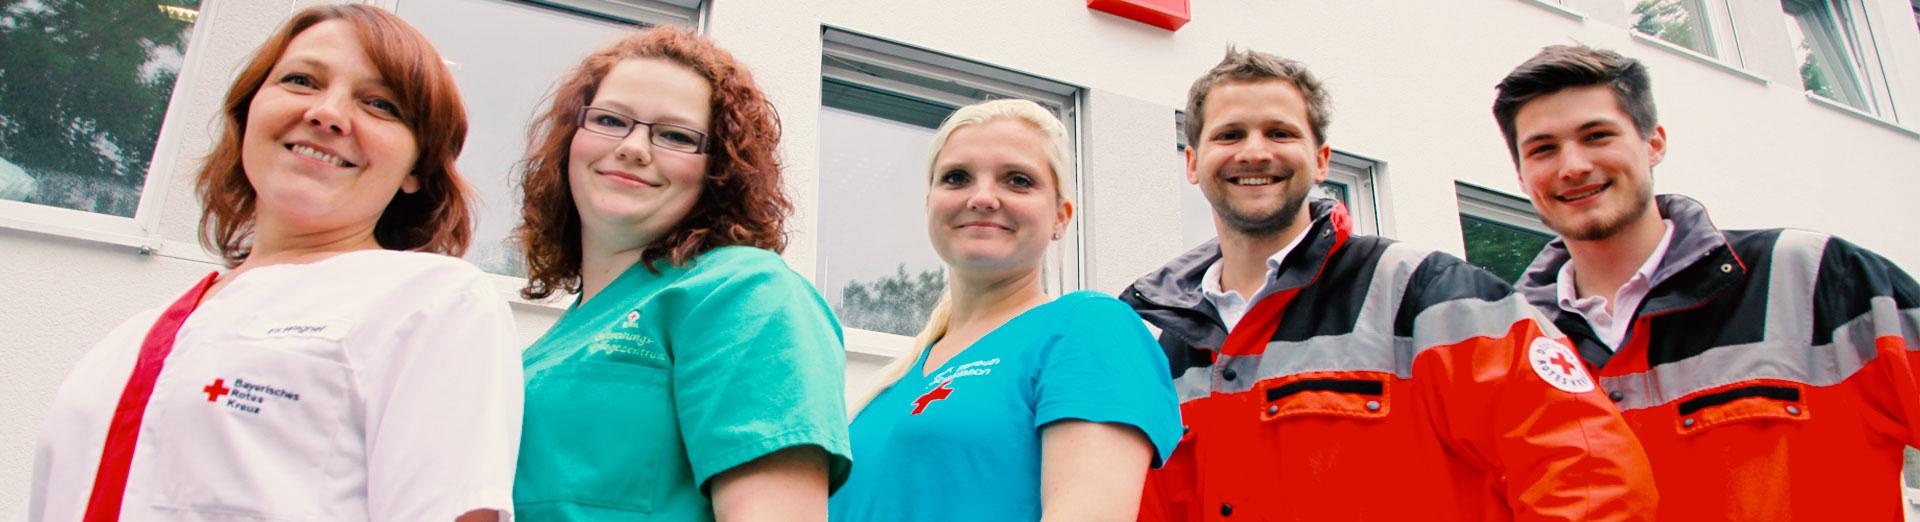 Ein Gruppenfoto von Angestellten des BRK